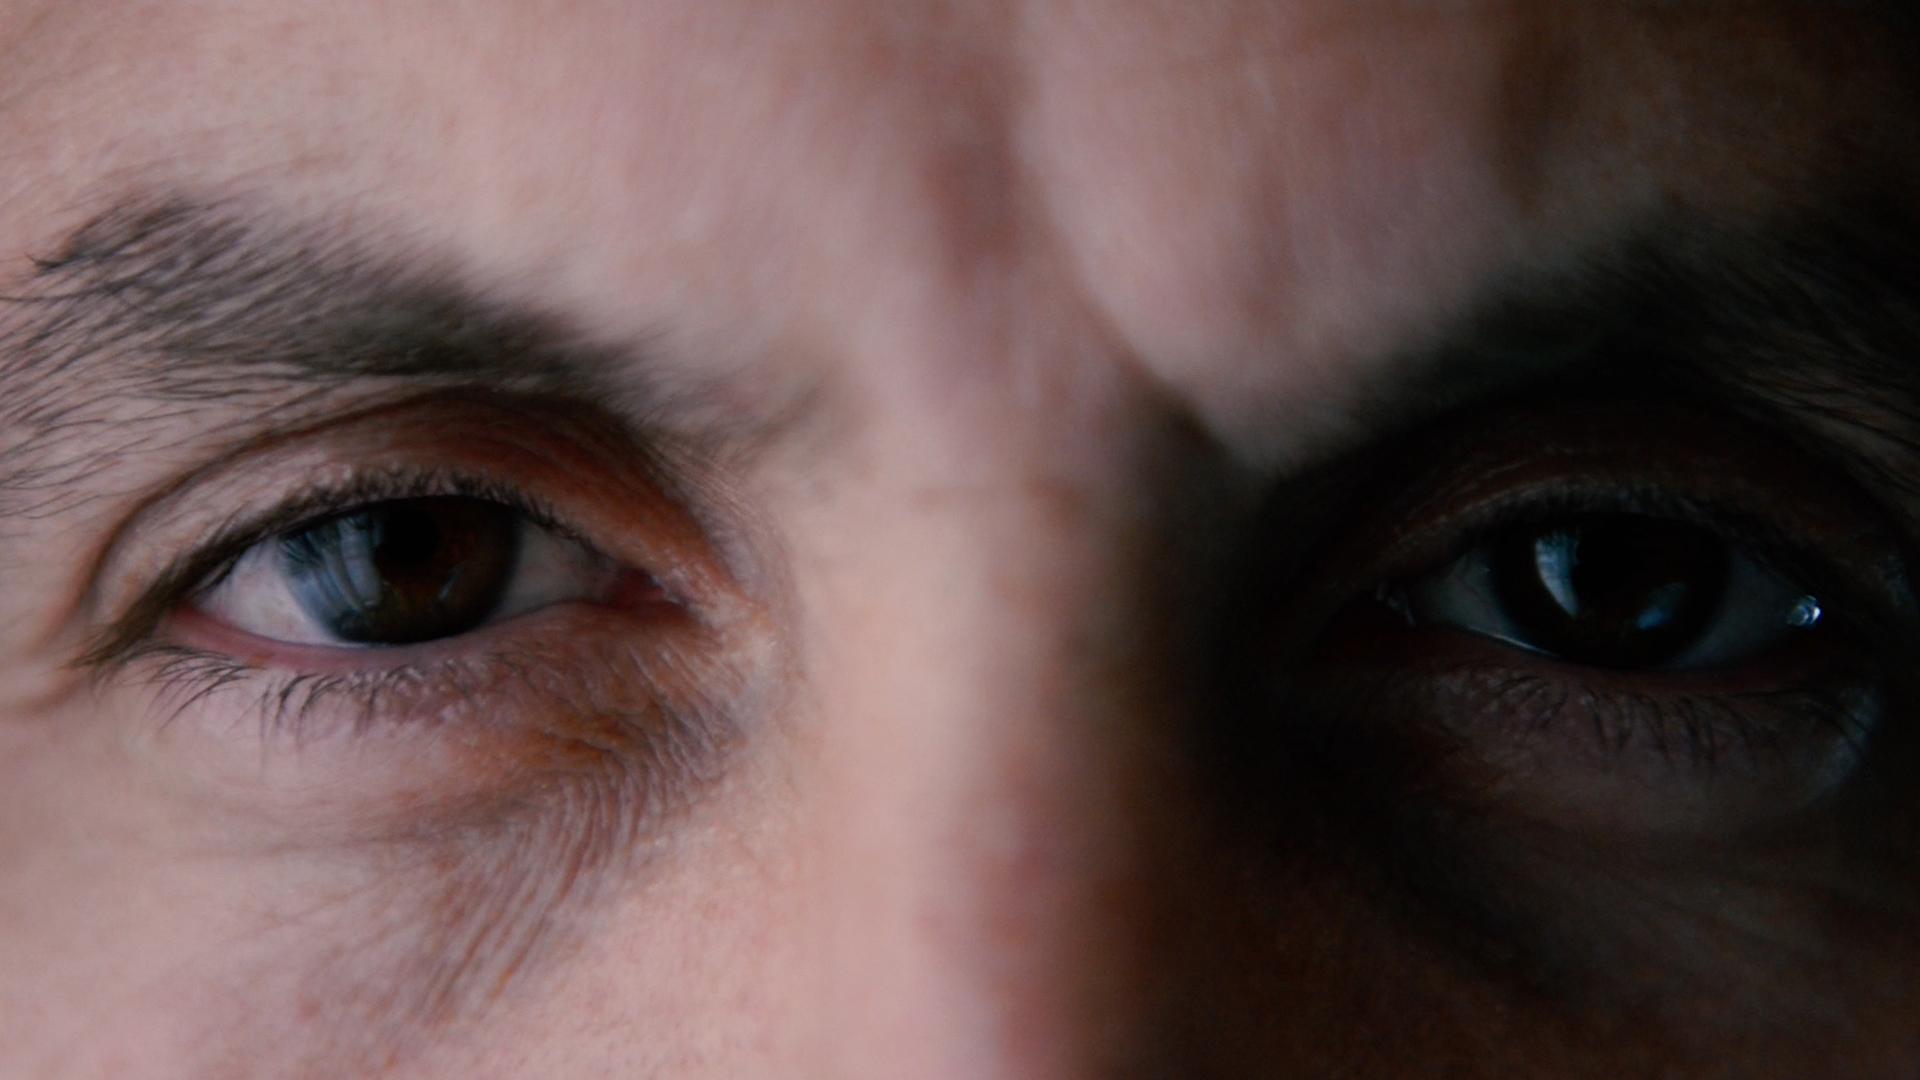 Volti dal Profondo, Documentario Volti dal Profondo - Regia Flaminio Muccio | Le sue opere toccano le corde più profonde della nostra anima, sono introspettive, ma anche di diretta e indiretta partecipazione agli